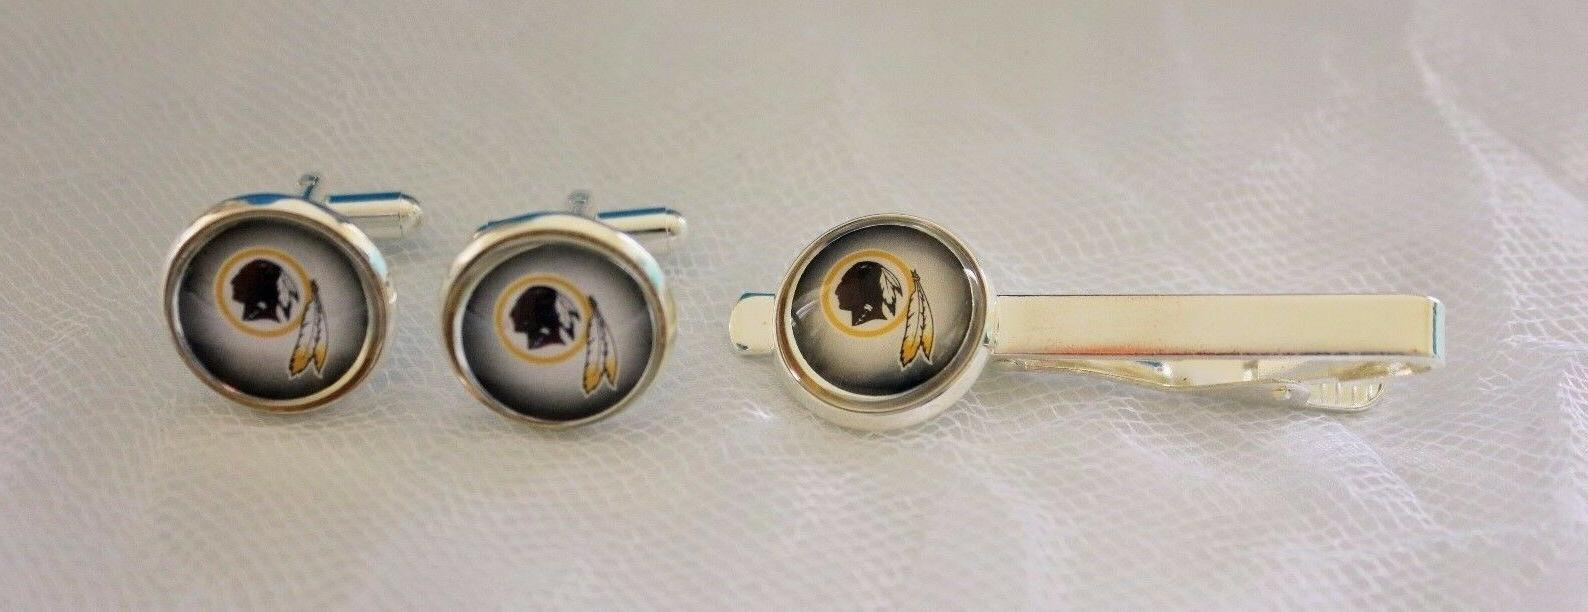 washington redskins cufflinks and tie clip set